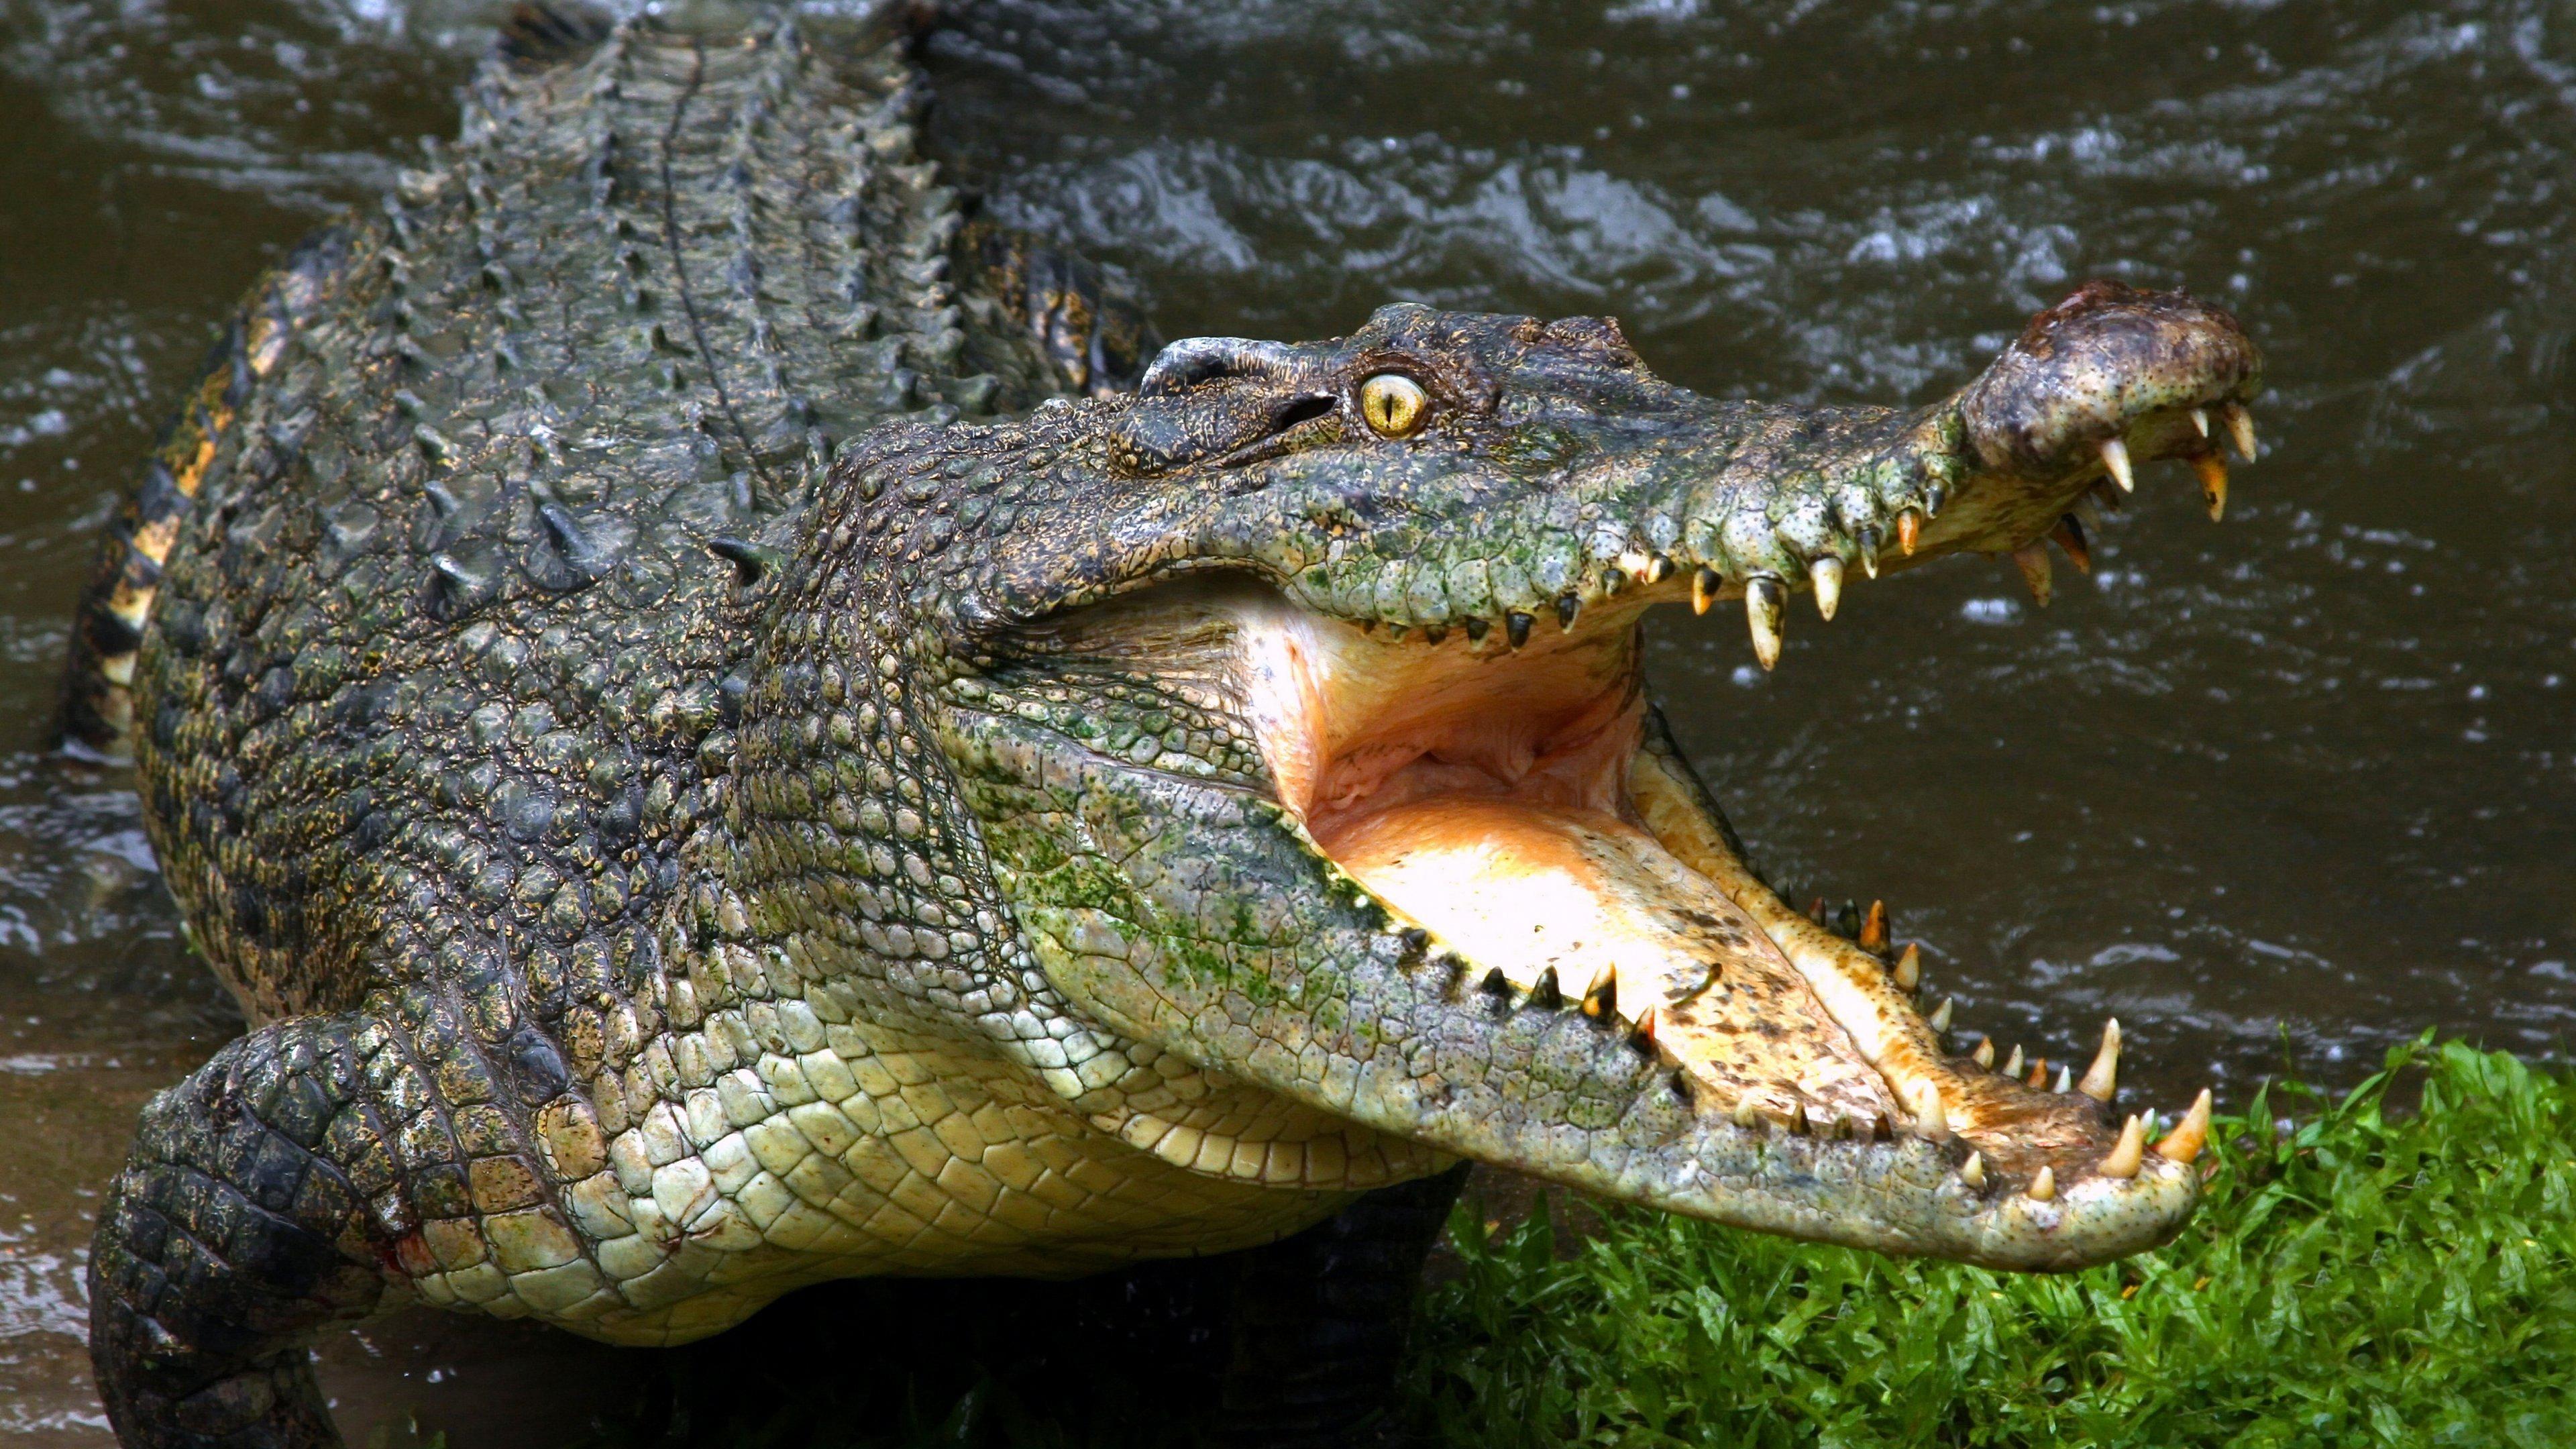 Ученые впервые описали все структуры мозговой коробки крокодила, изучив более 70 их 3D-моделей